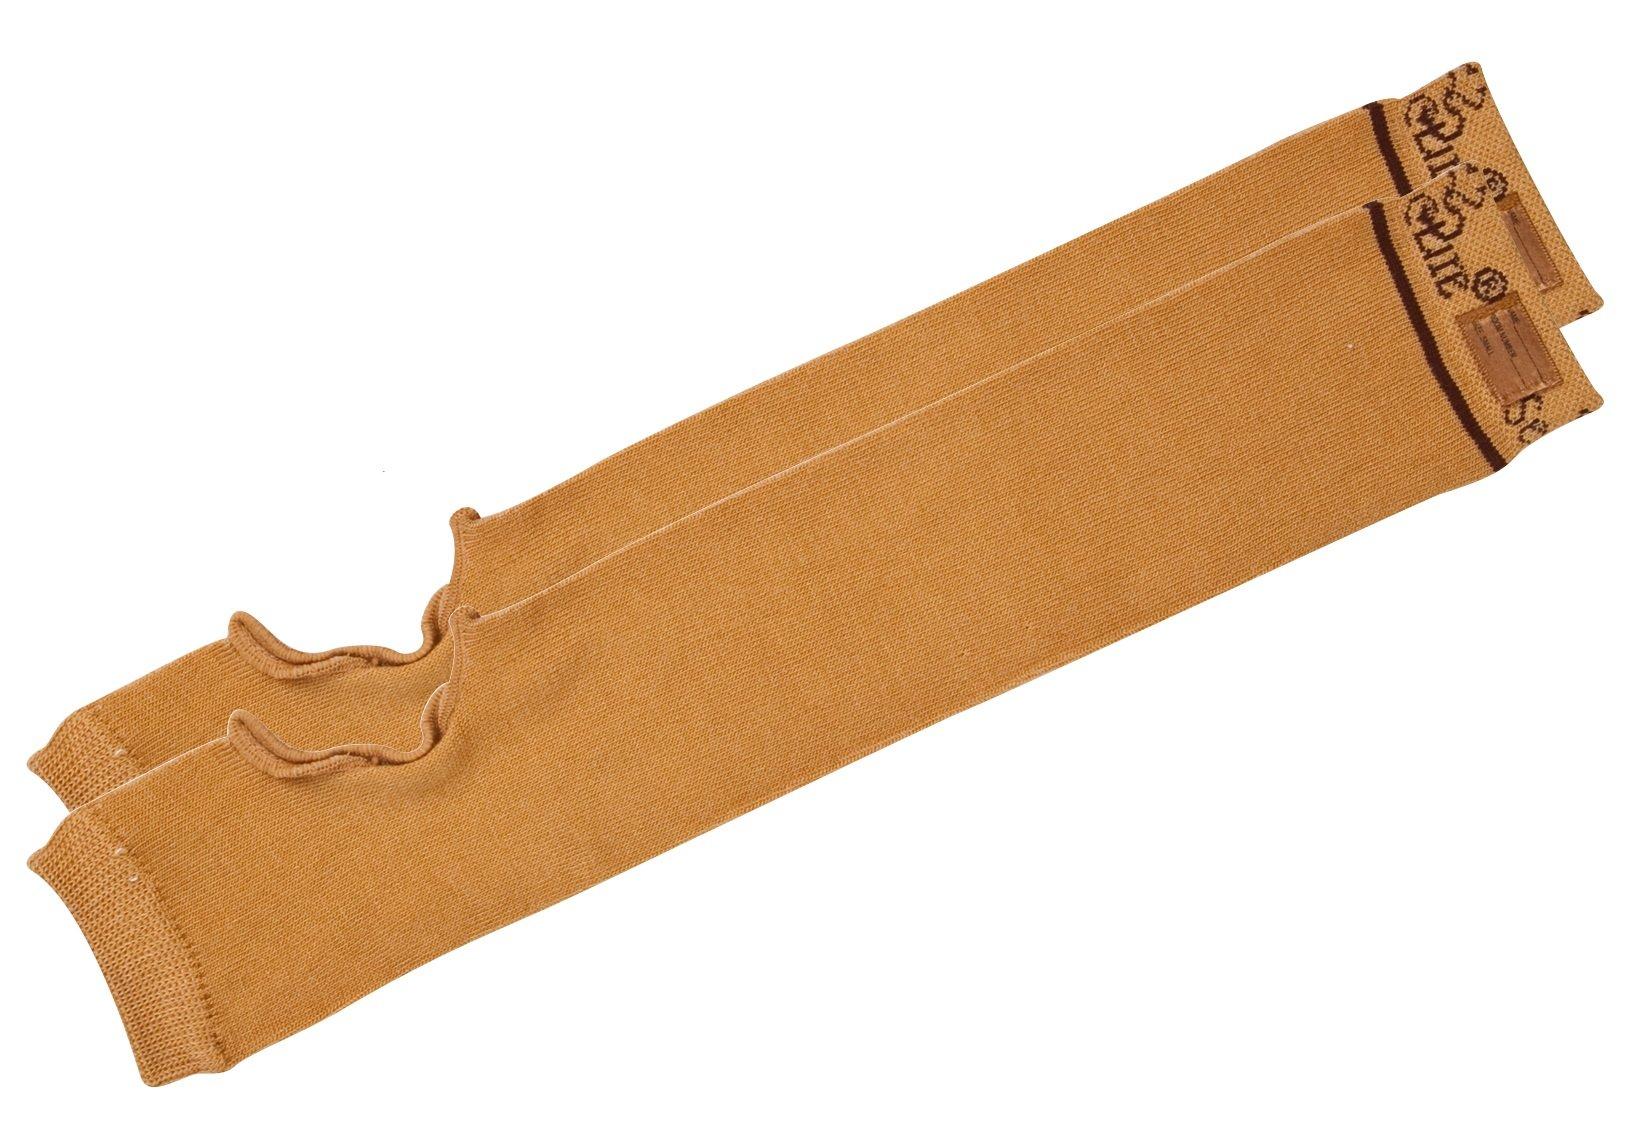 SecureSleeves (1 Pair) Geri Skin Protection Arm Sleeves, X-Large, Brown - 18.5''-19'' x 4.0''